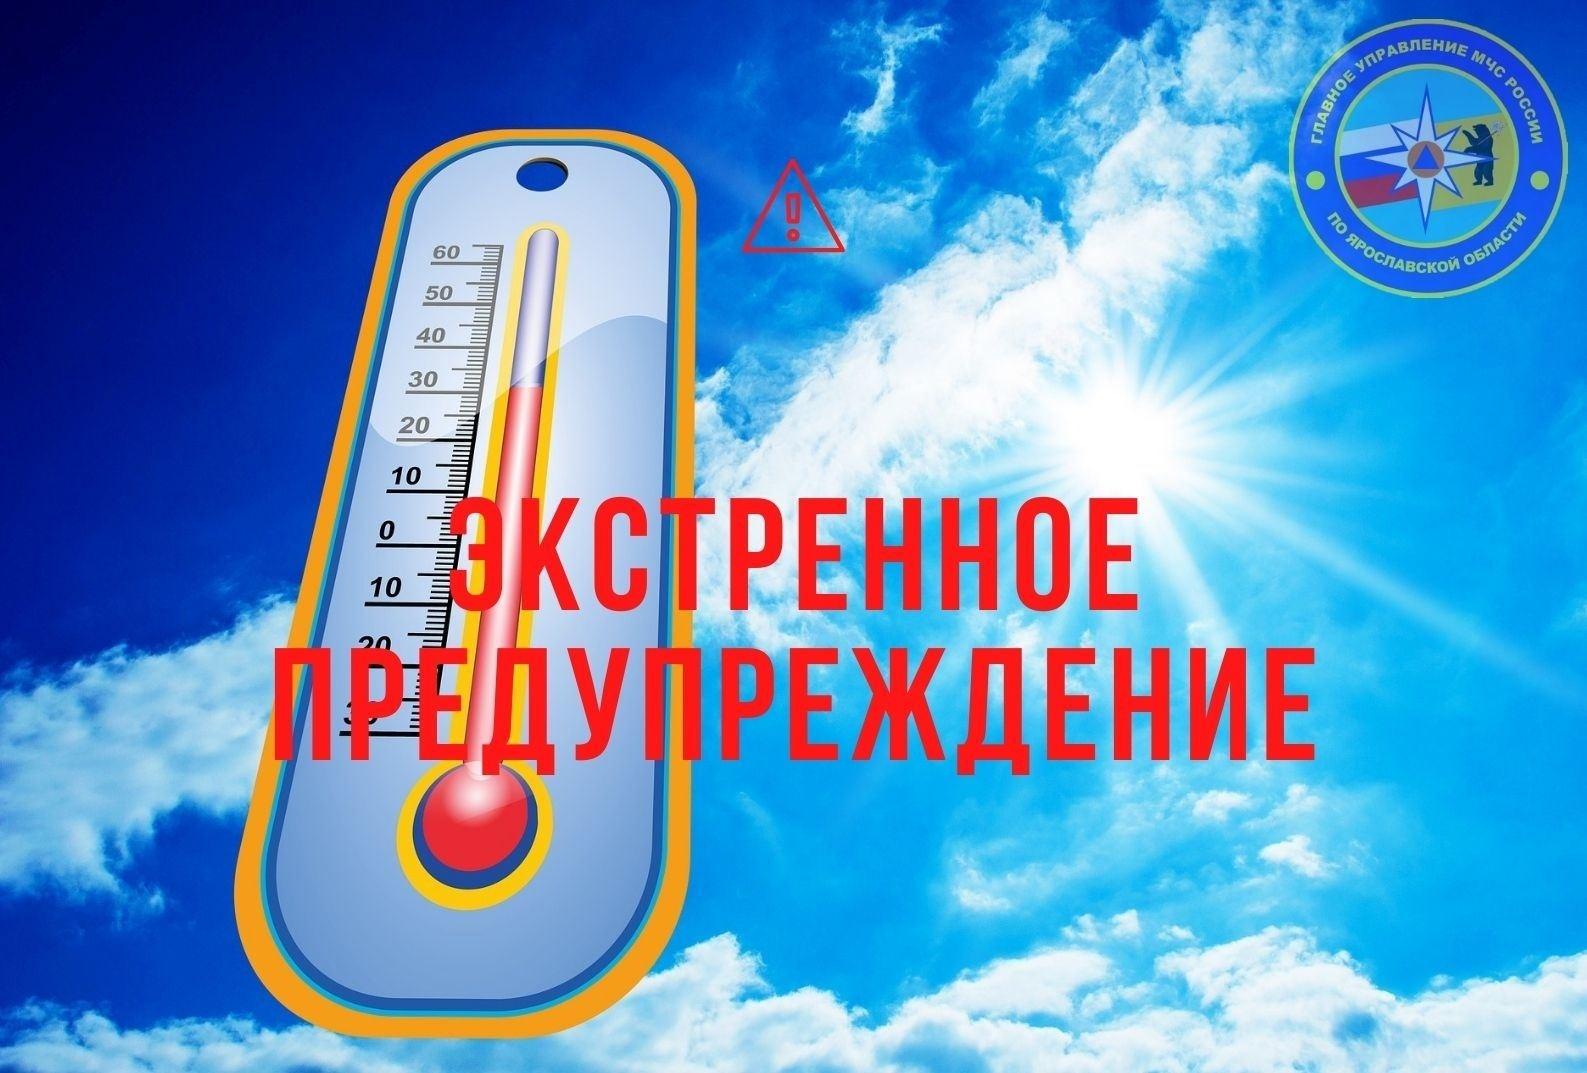 Аномальная жара простоит до следующей недели: МЧС выпустило экстренное предупреждение